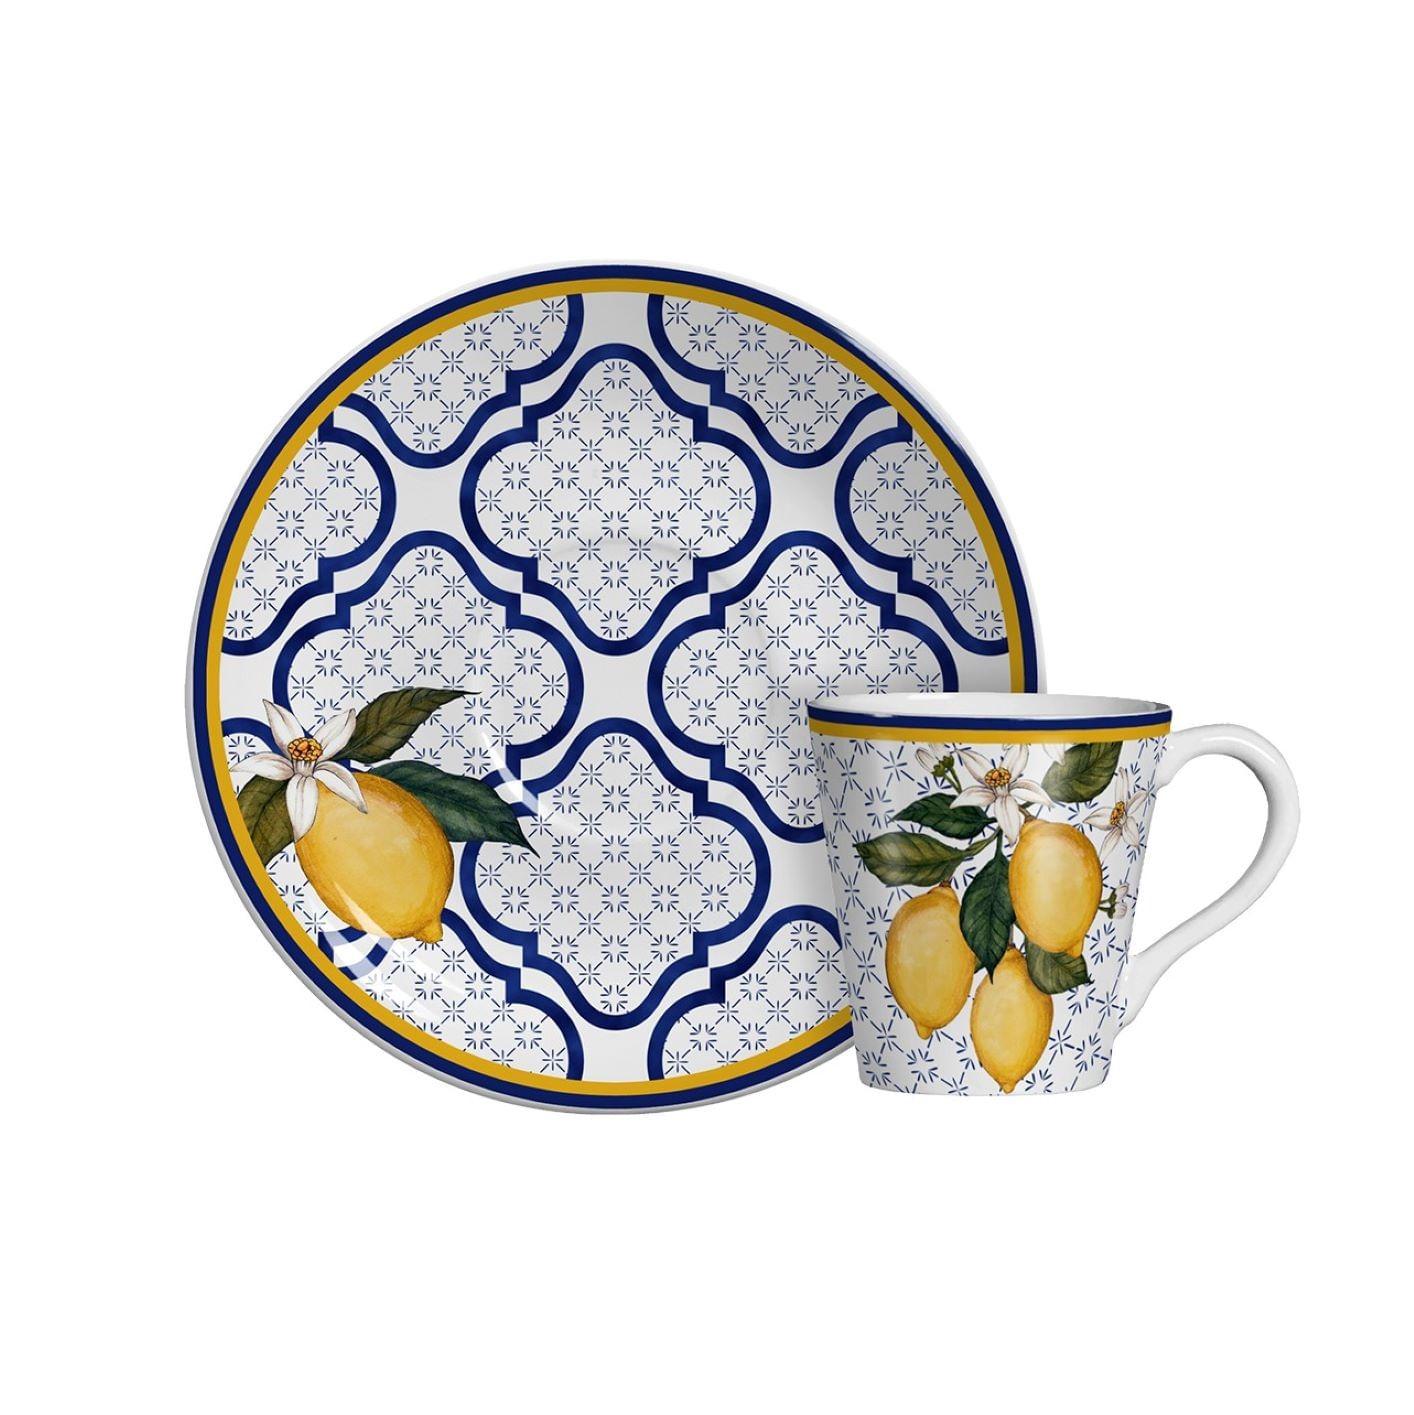 Jogo Xícaras de Café Scalla Sicília - Limões (6 Pessoas)